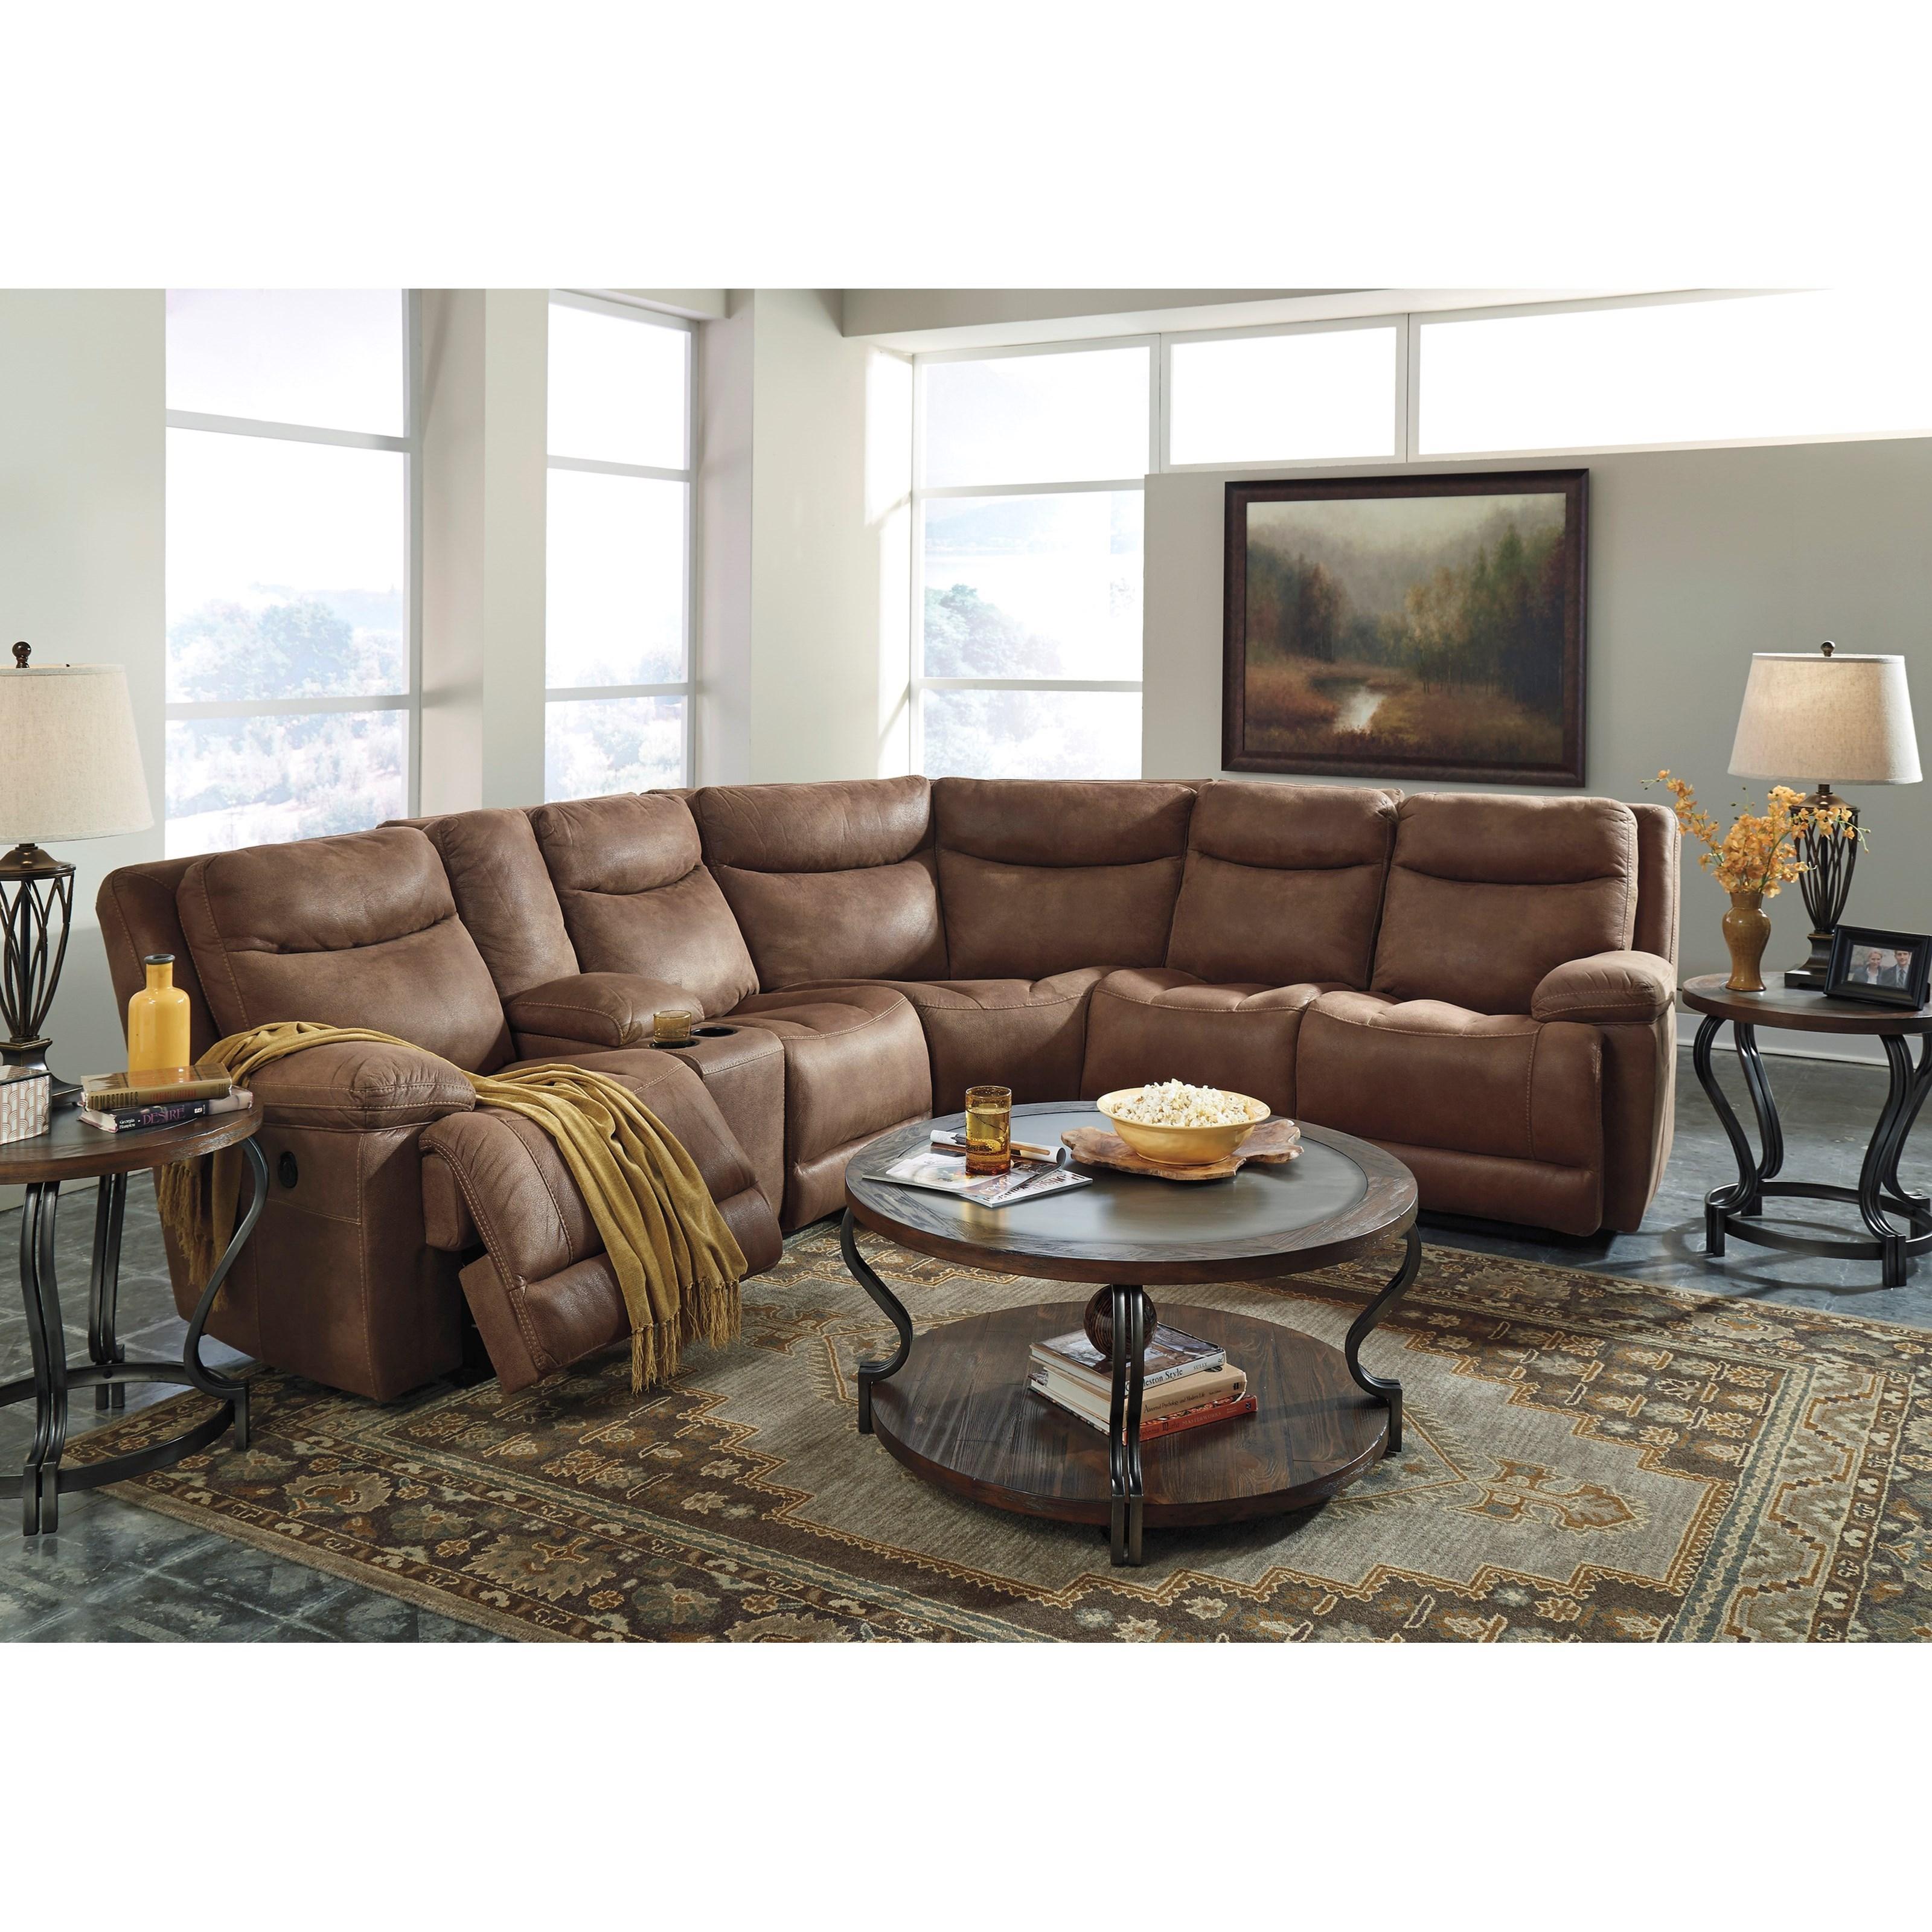 28+ [ 19 mor furniture credit card home design living room ] | mor